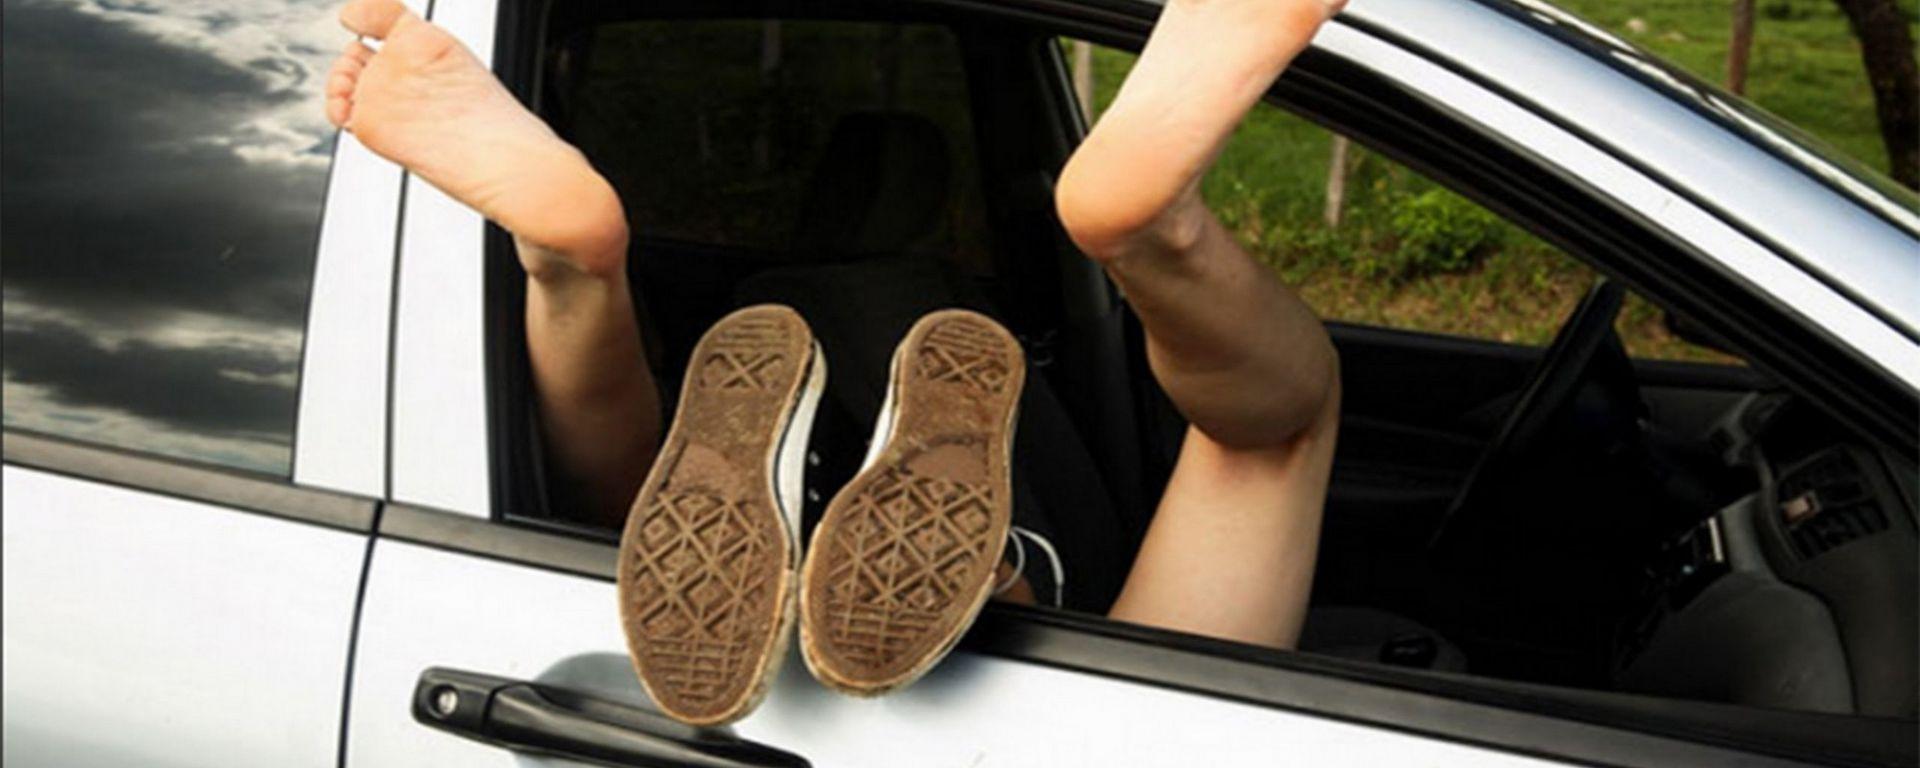 Sesso in auto, una pratica che può costare cara